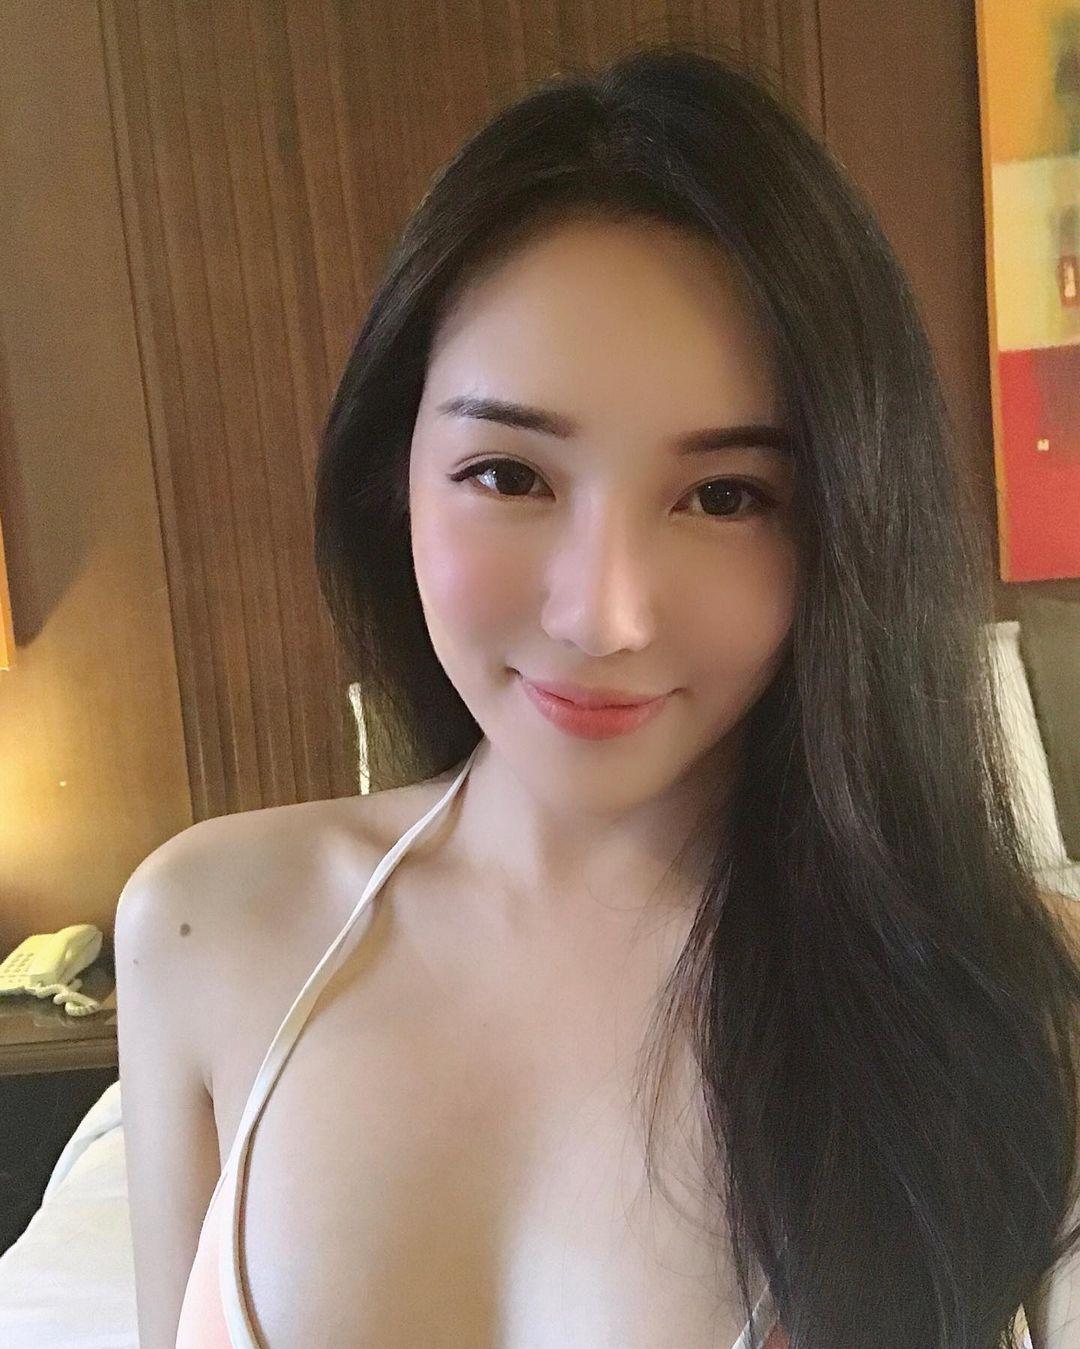 Bae Choo